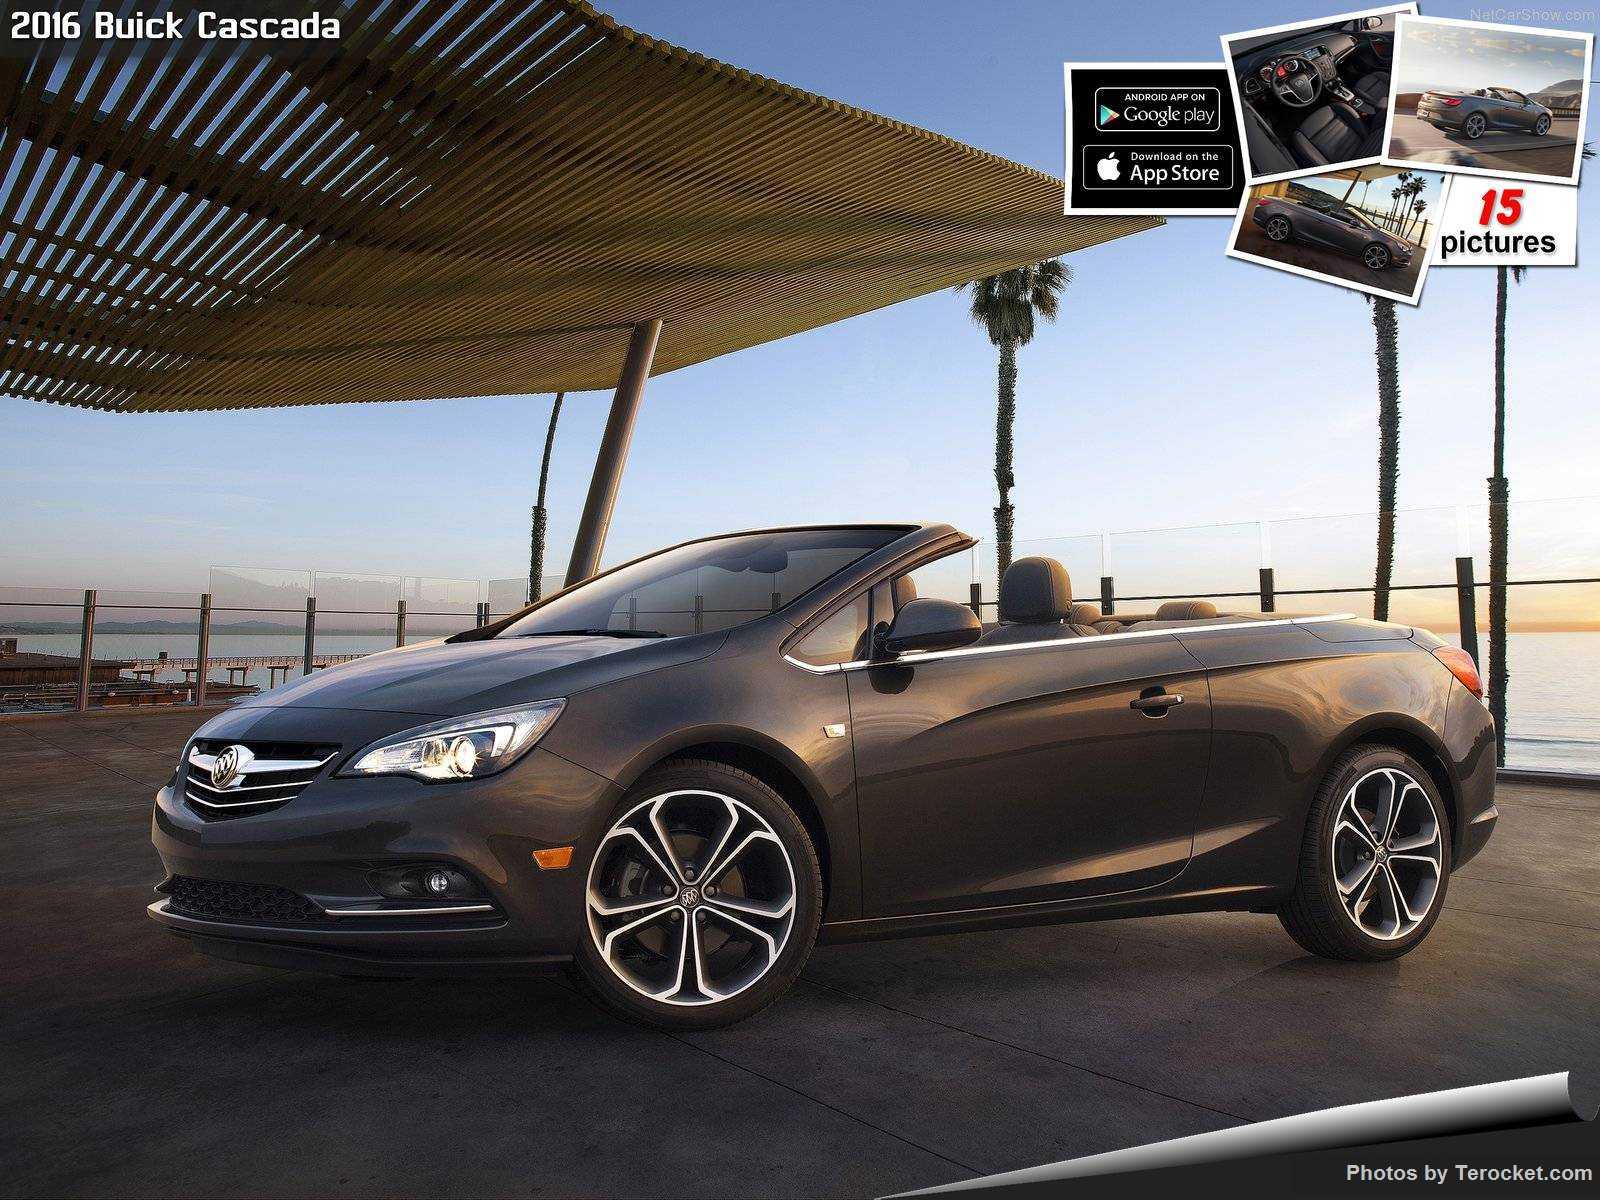 Hình ảnh xe ô tô Buick Cascada 2016 & nội ngoại thất